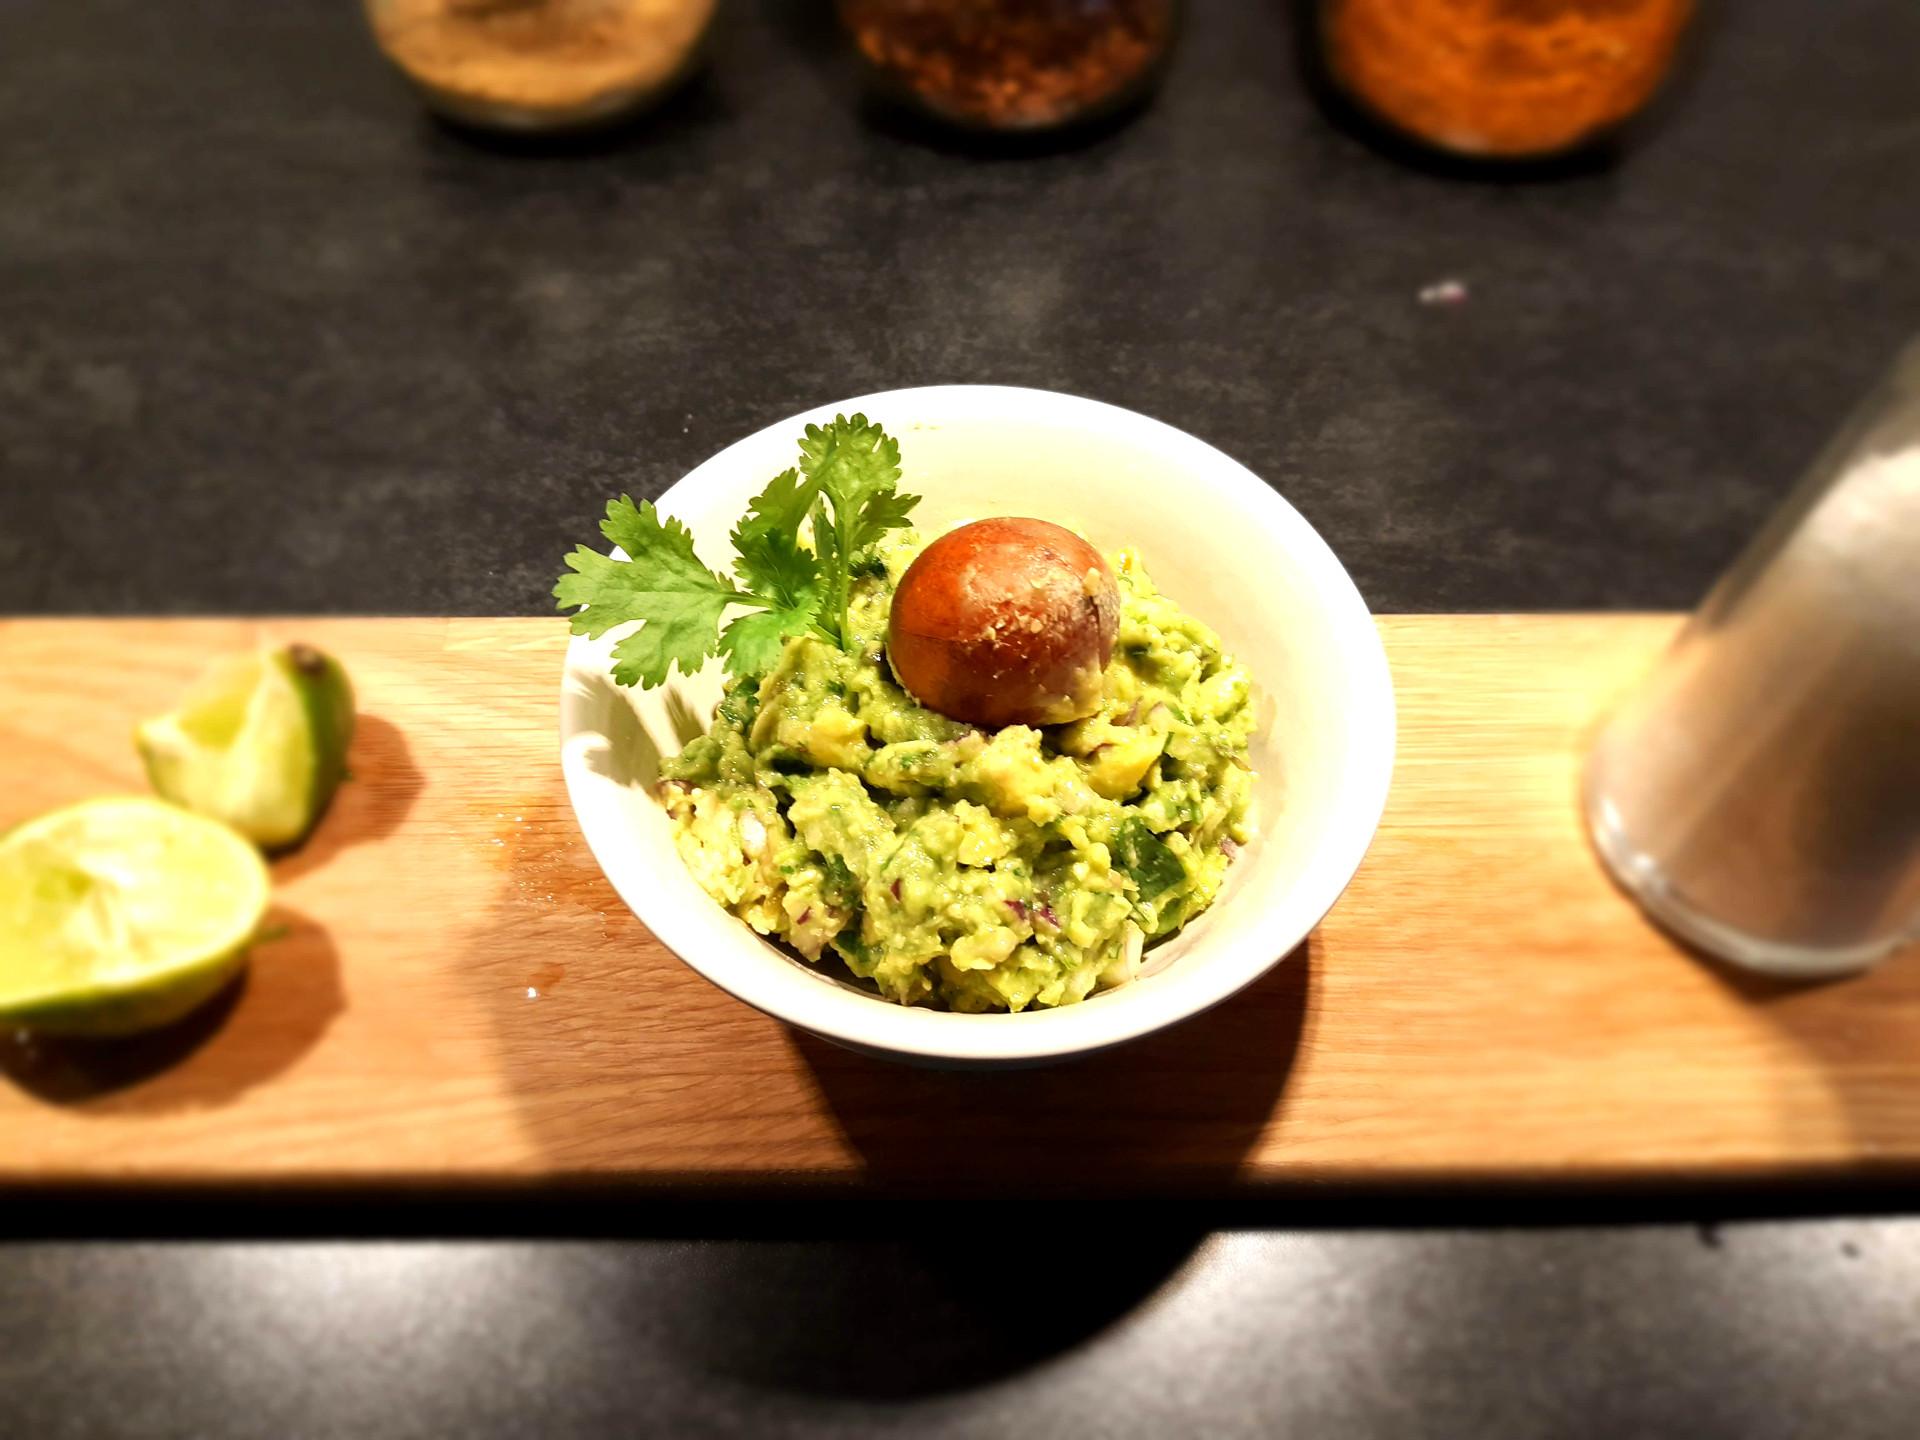 Hjemmelaget guacamole bilde for hjemmelaget guacamole oppskrift